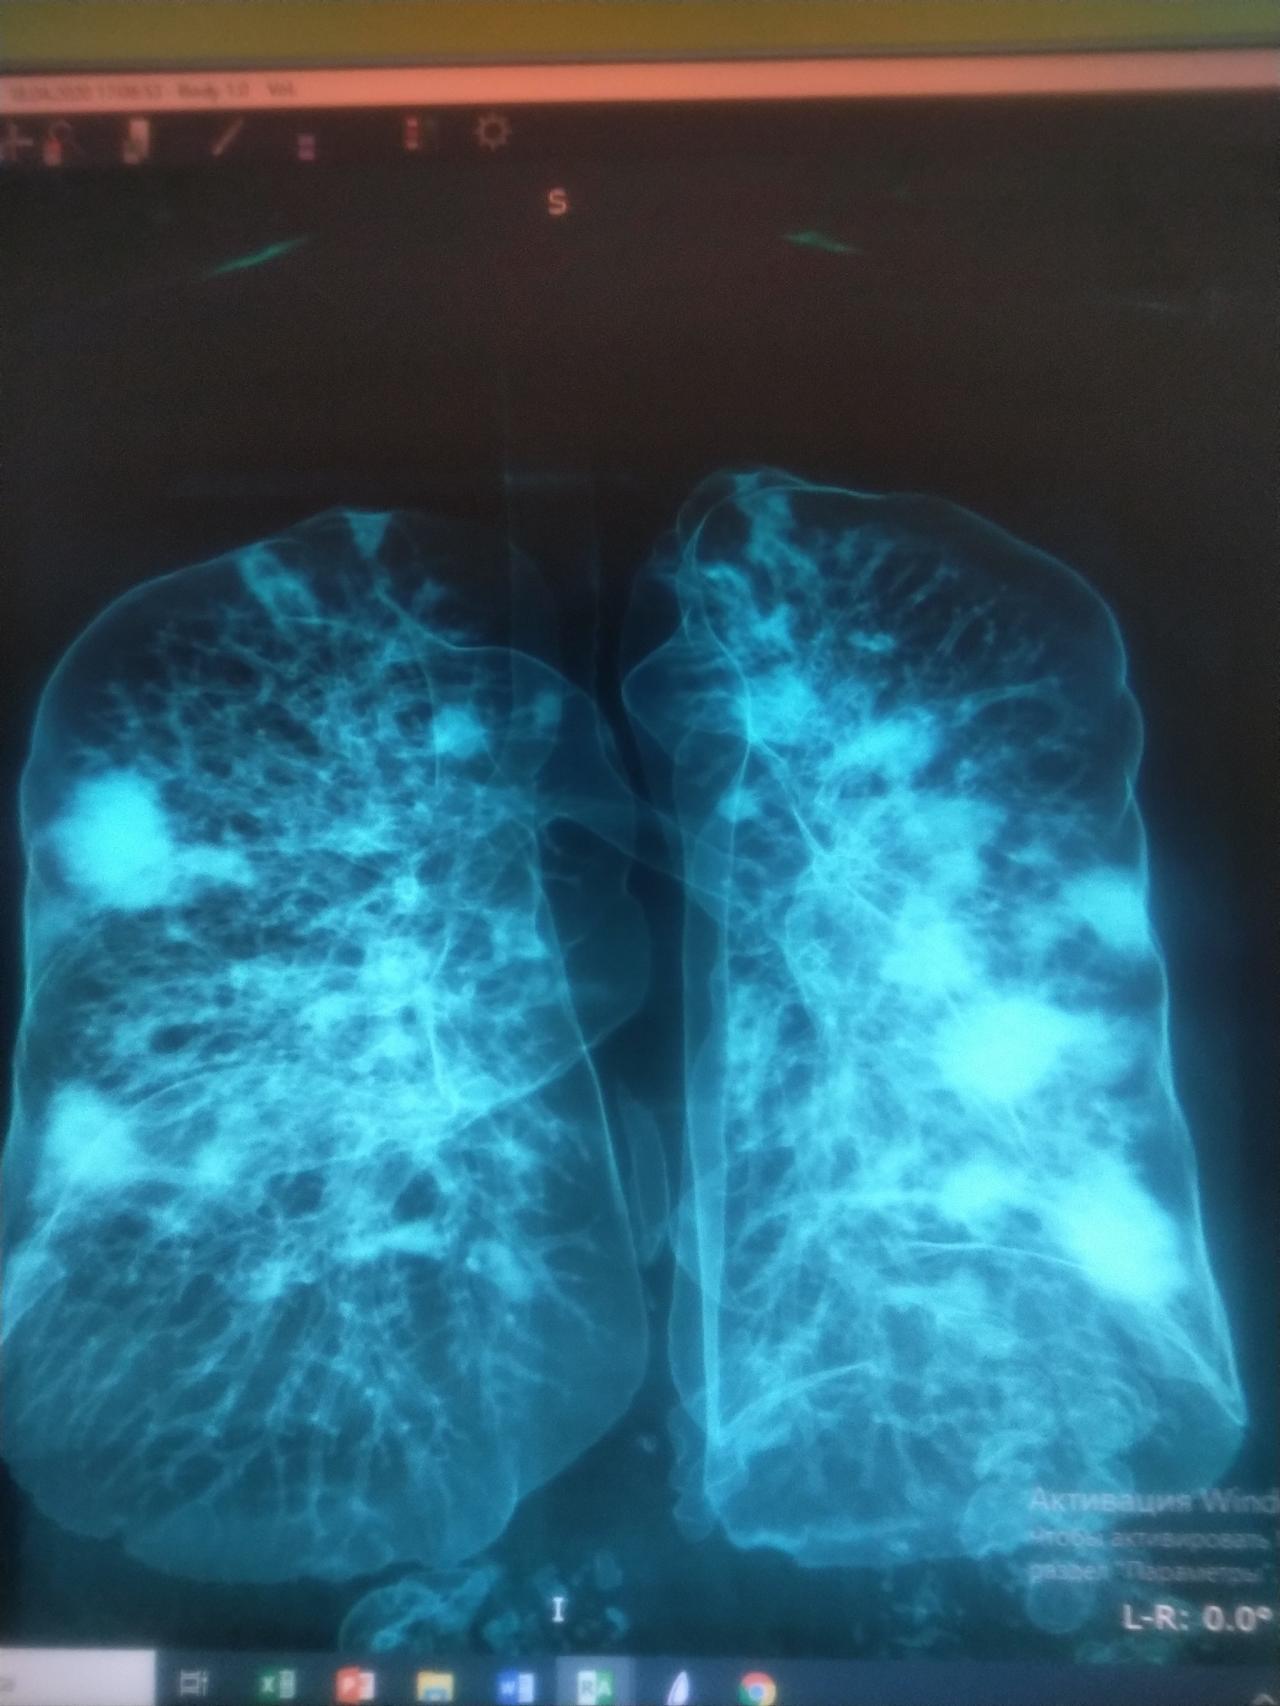 Легкие здорового человека vs легкие с COVID-19